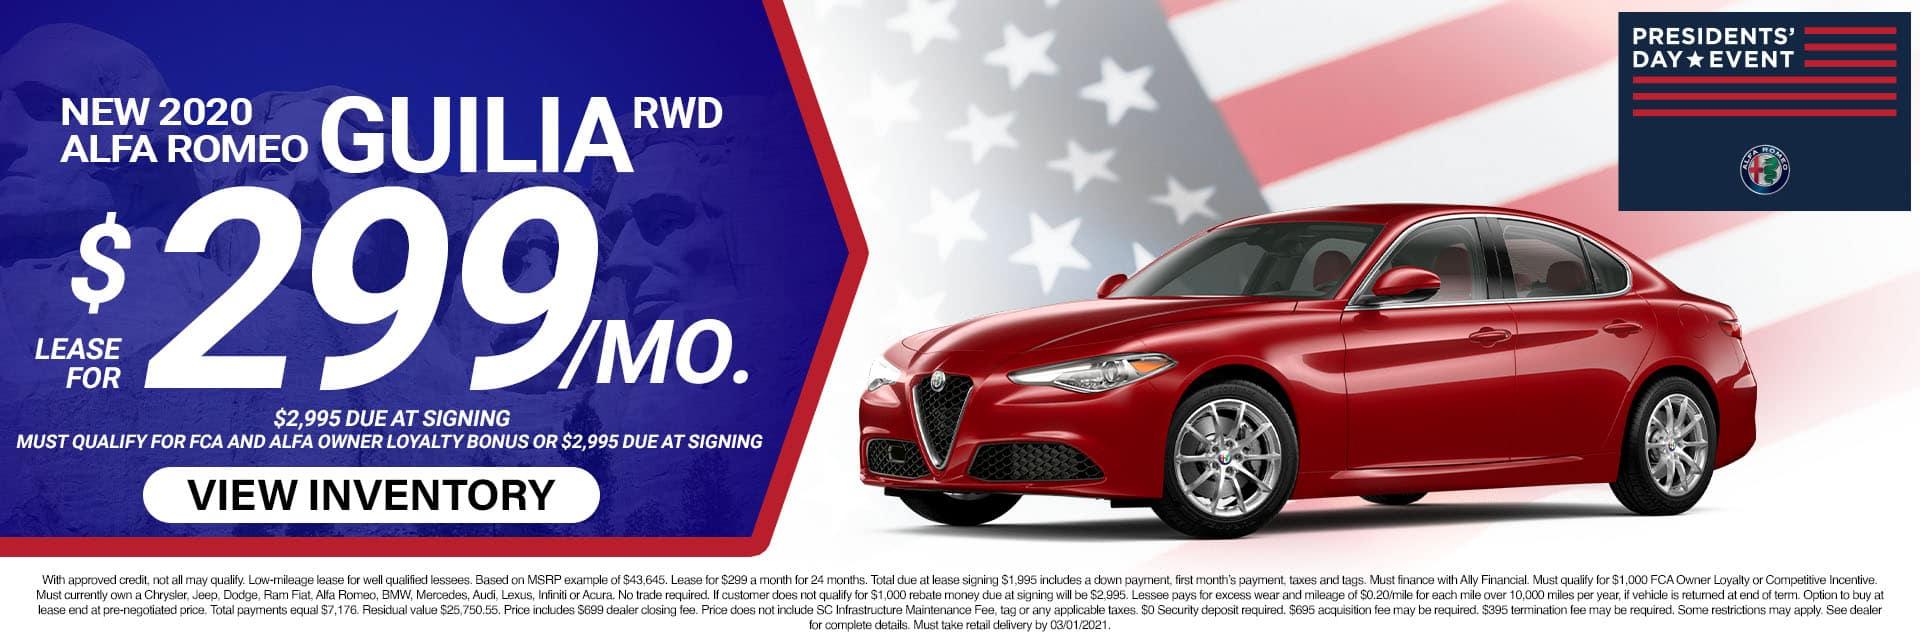 4SLAR-February 20212020 Alfa Romeo Giulia